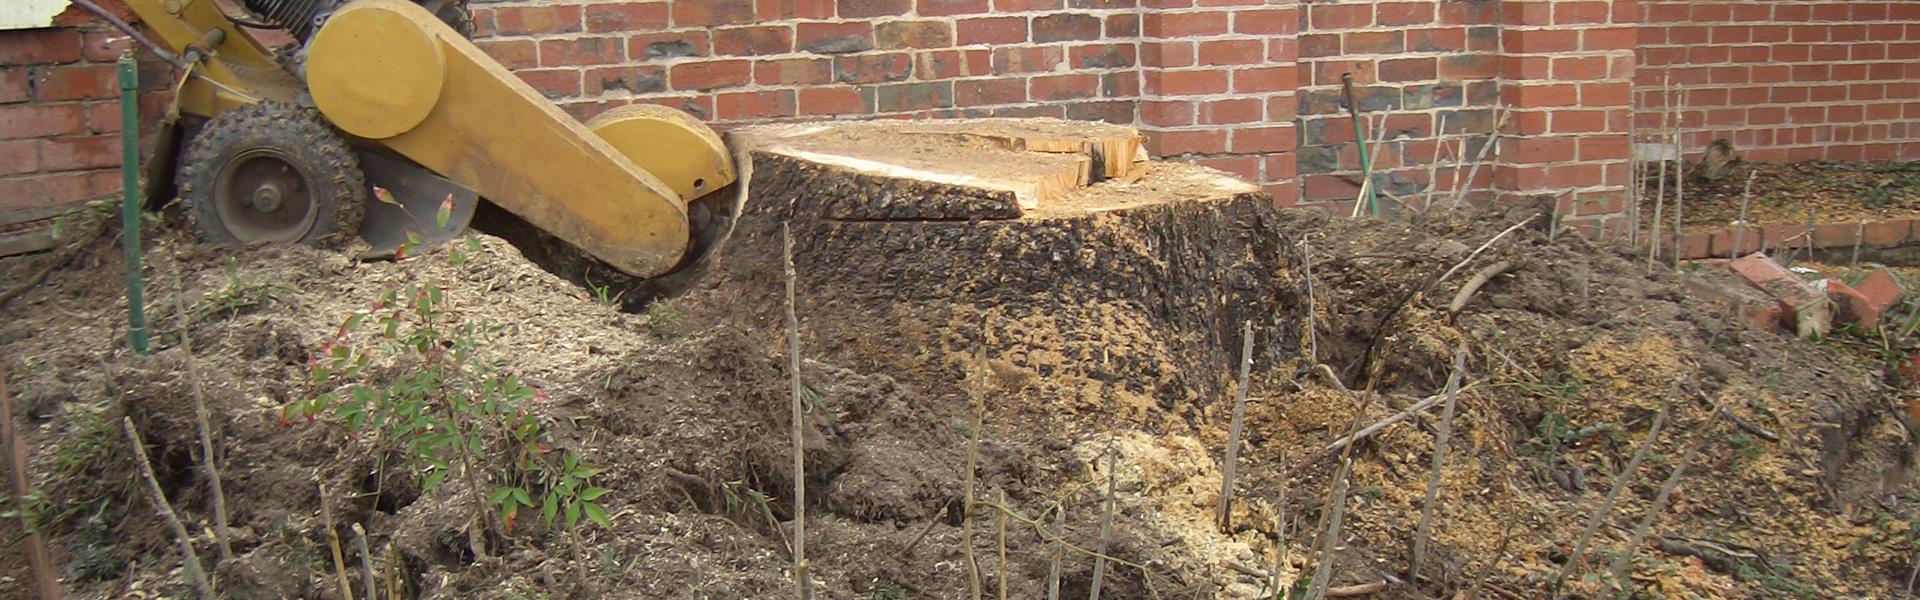 Bomen uitfrezen - Groenbedrijf Limburg